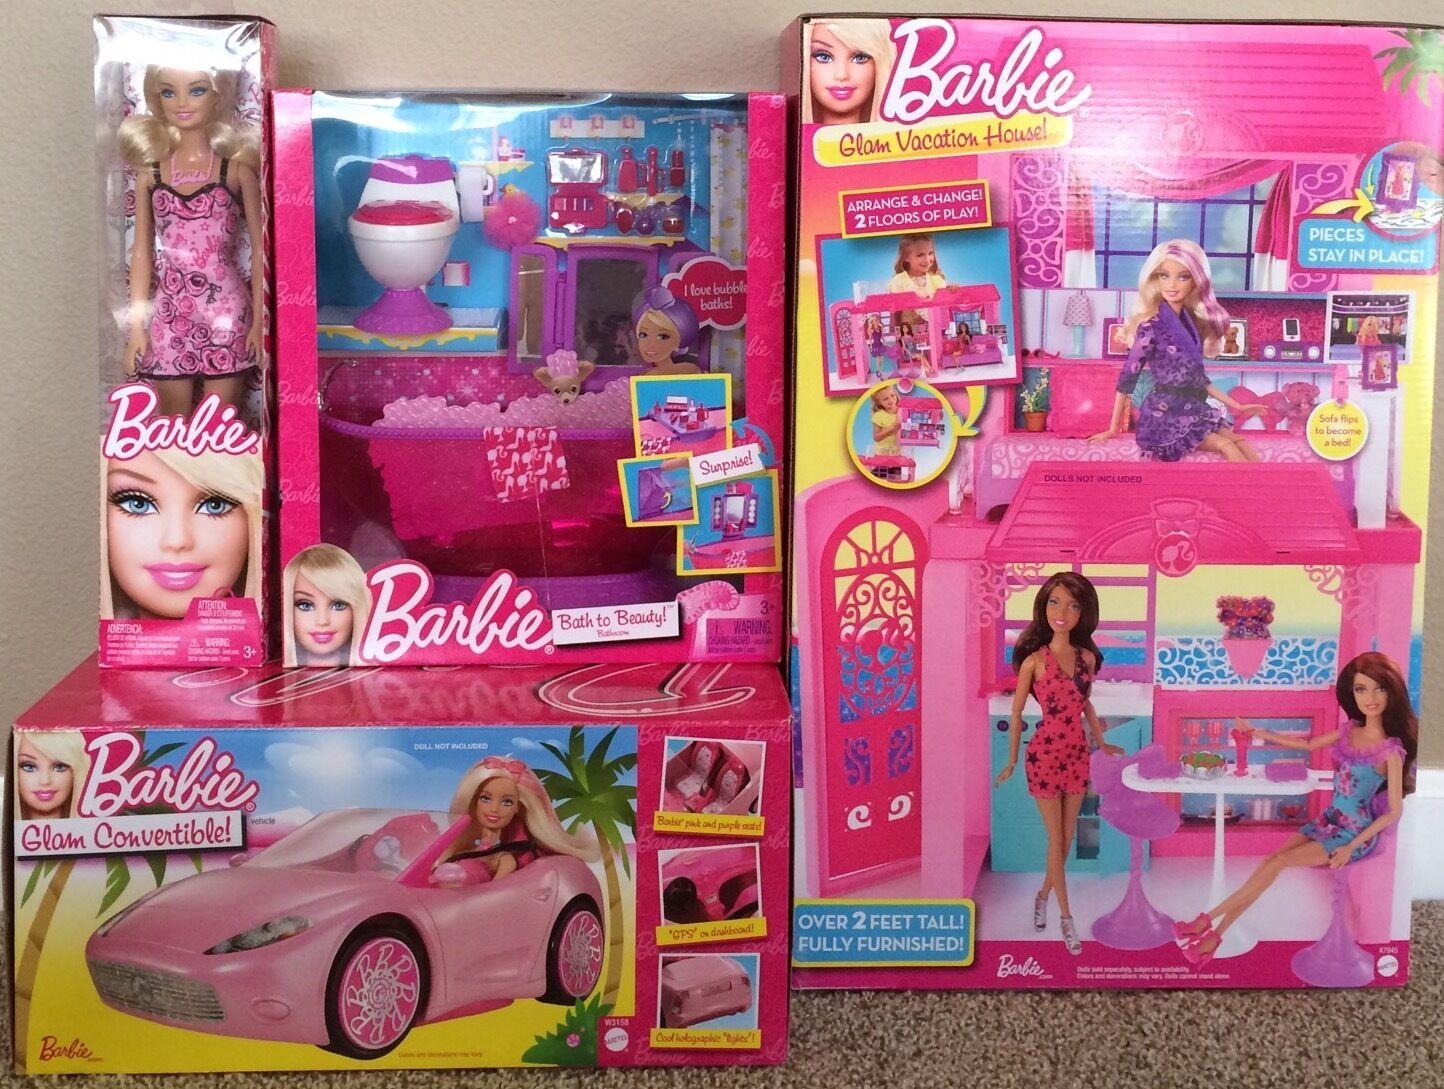 Muñeca Barbie Glam Auto Converdeible casa de vacaciones conjunto de muñeca de baño ASEO bañera